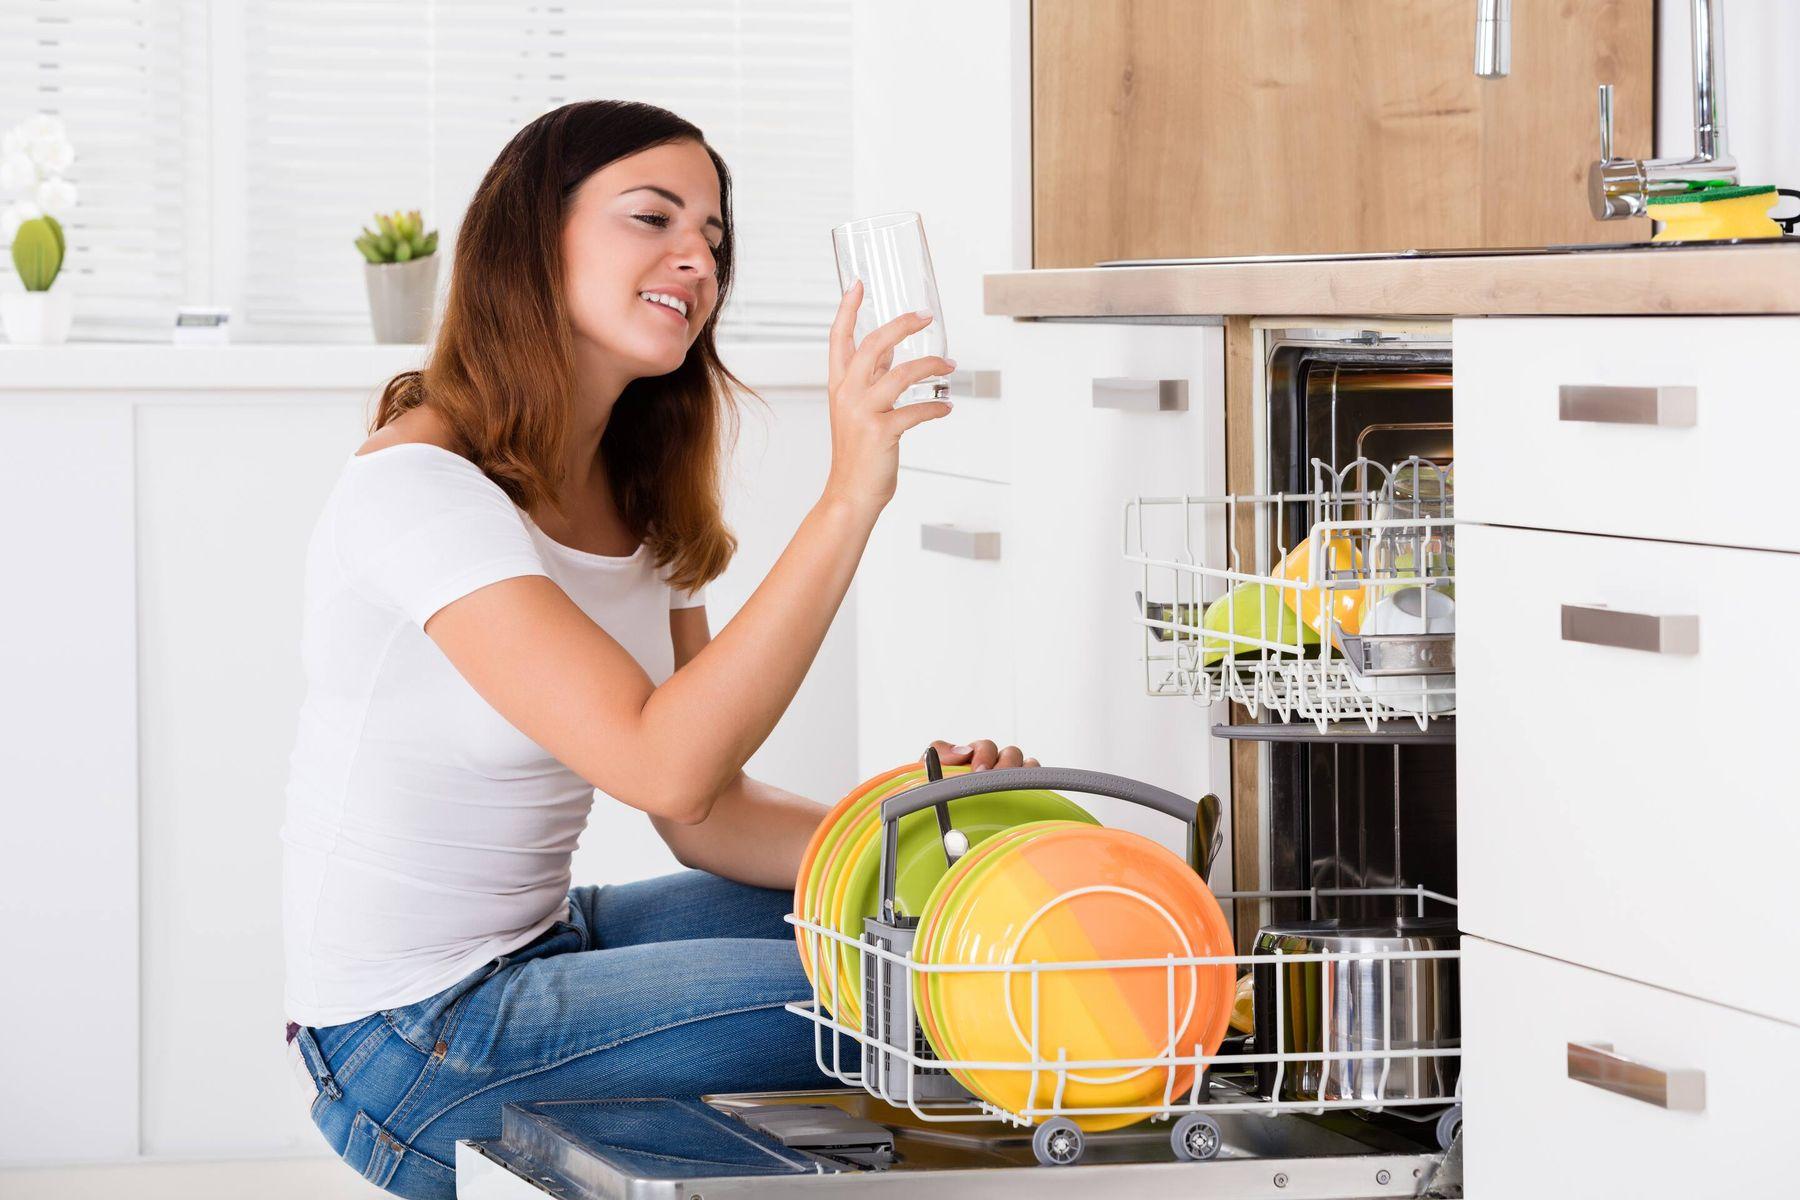 Mẹo vặt nhà bếp giúp đảm bảo an toàn sức khỏe của cả nhà